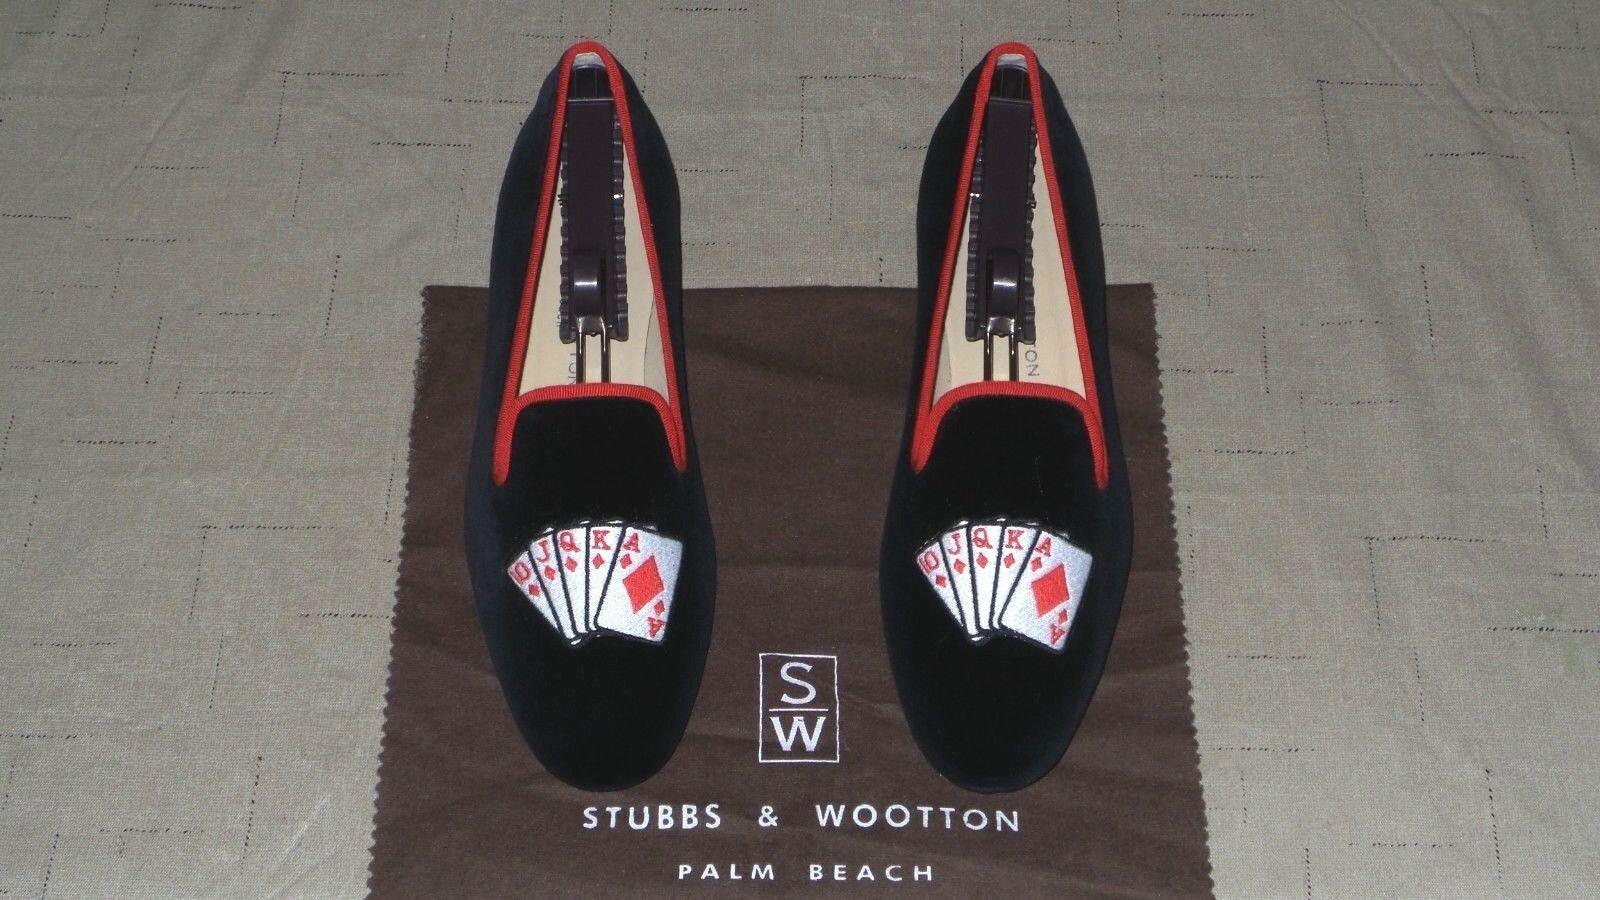 Lindo  Mujer  450 Stubbs and wootton Velvet Velvet Velvet  Royal Flush  Zapatillas Mocasines Zapato  moda clasica